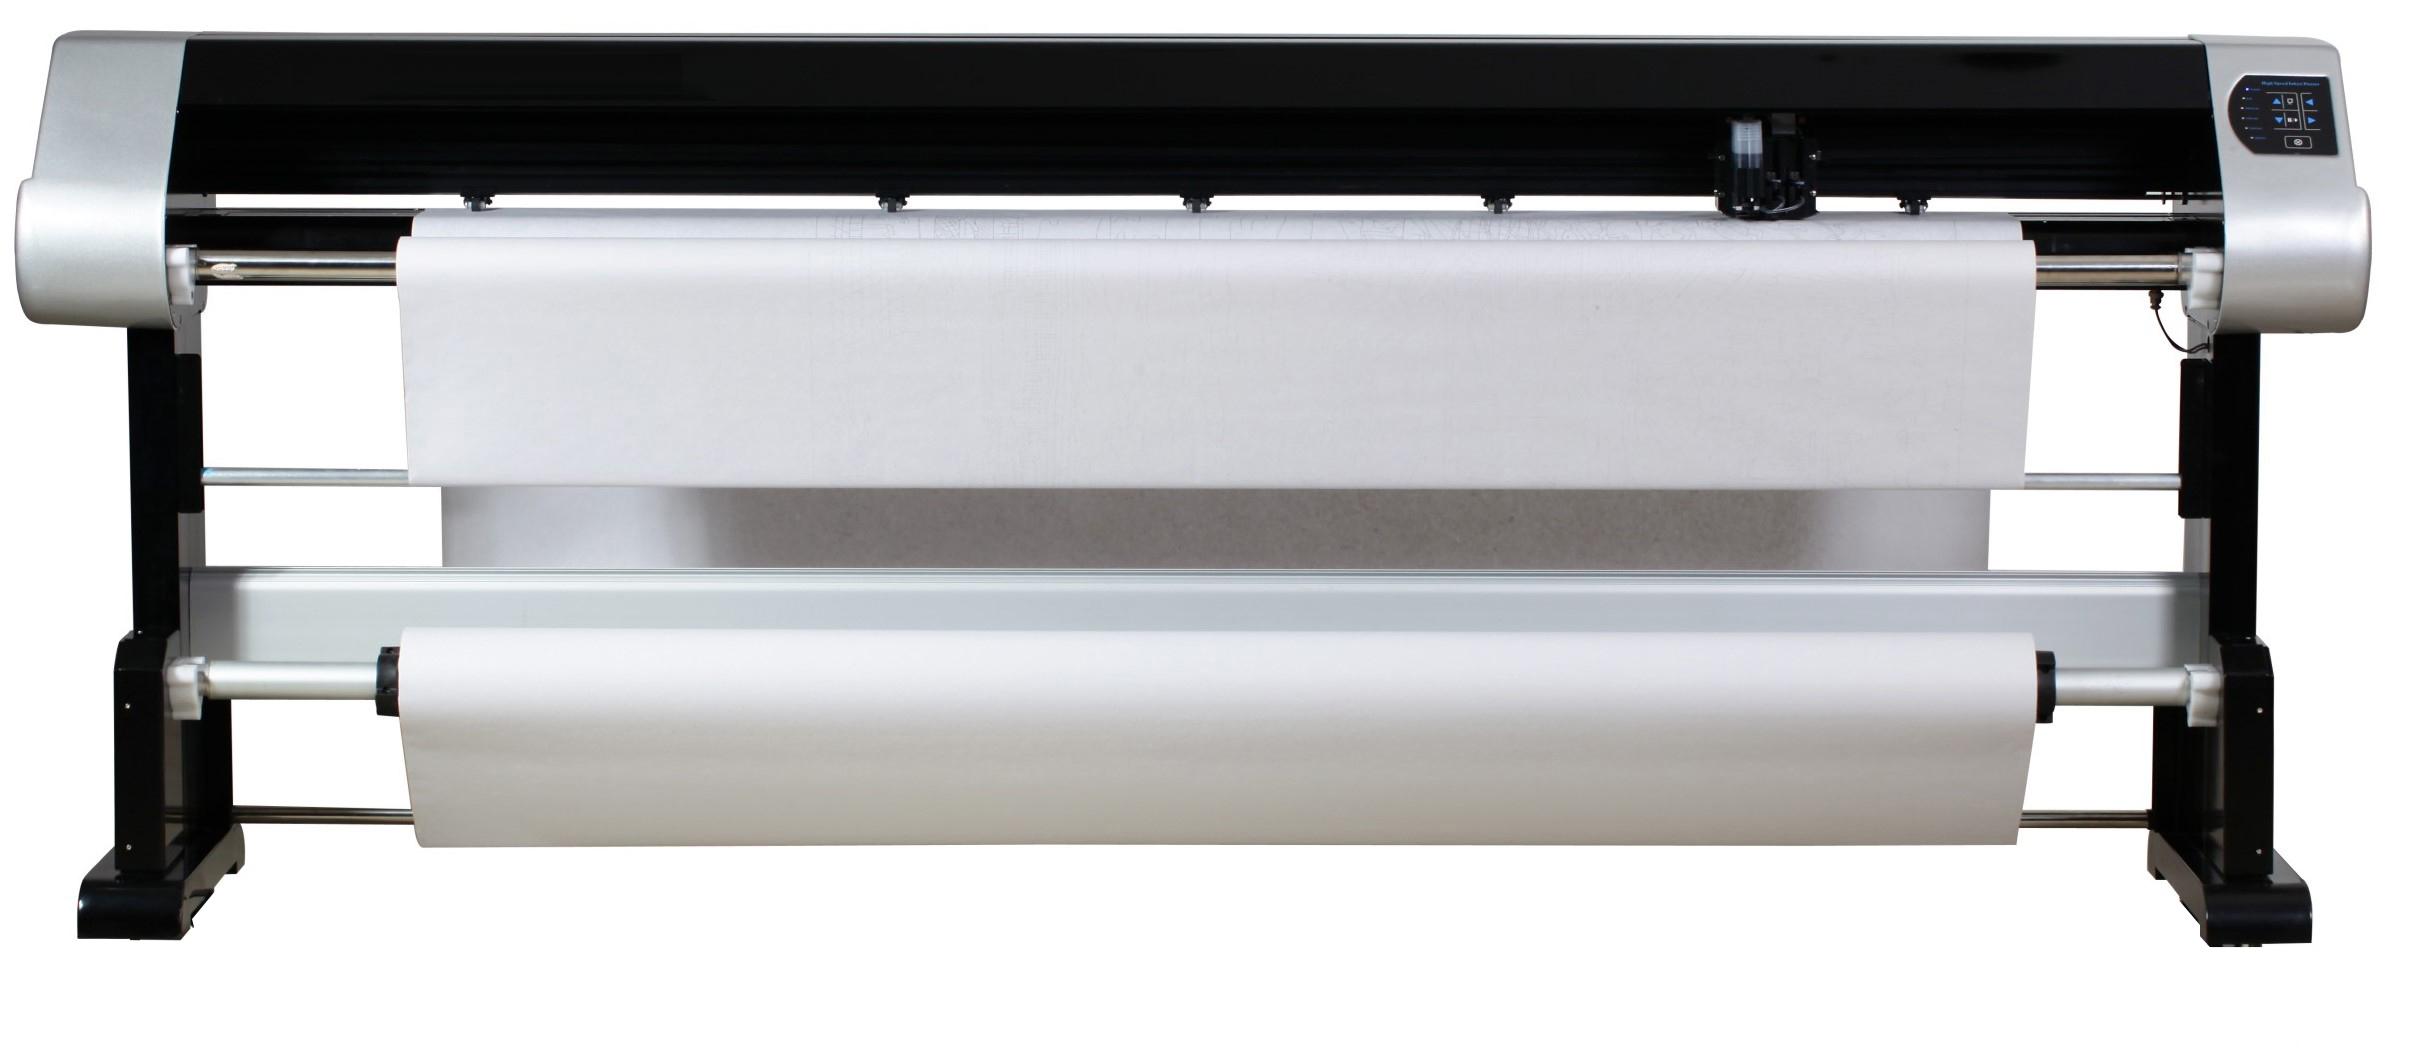 Máy in sơ đồ cũ đã qua sử dụng thanh lý mực đổ liên tục HP11 2 đầu phun CISS